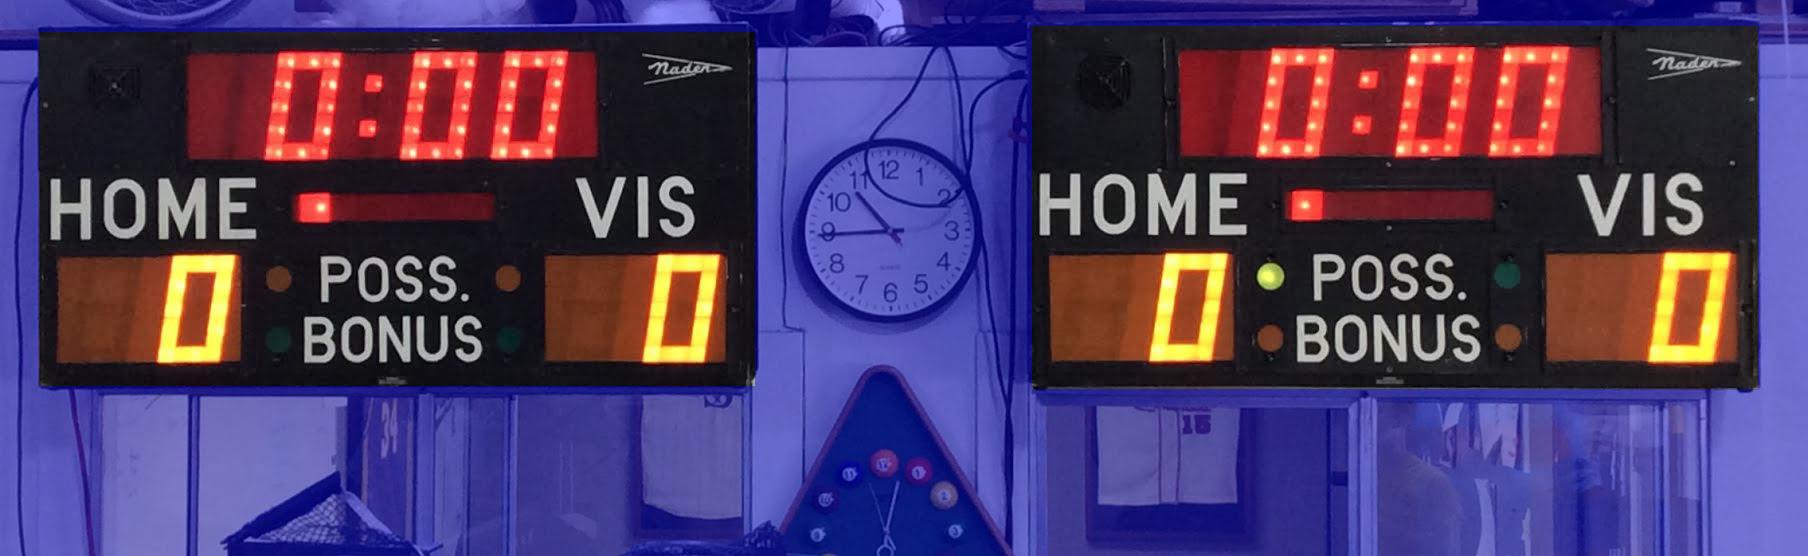 ScoreboardPic.jpg